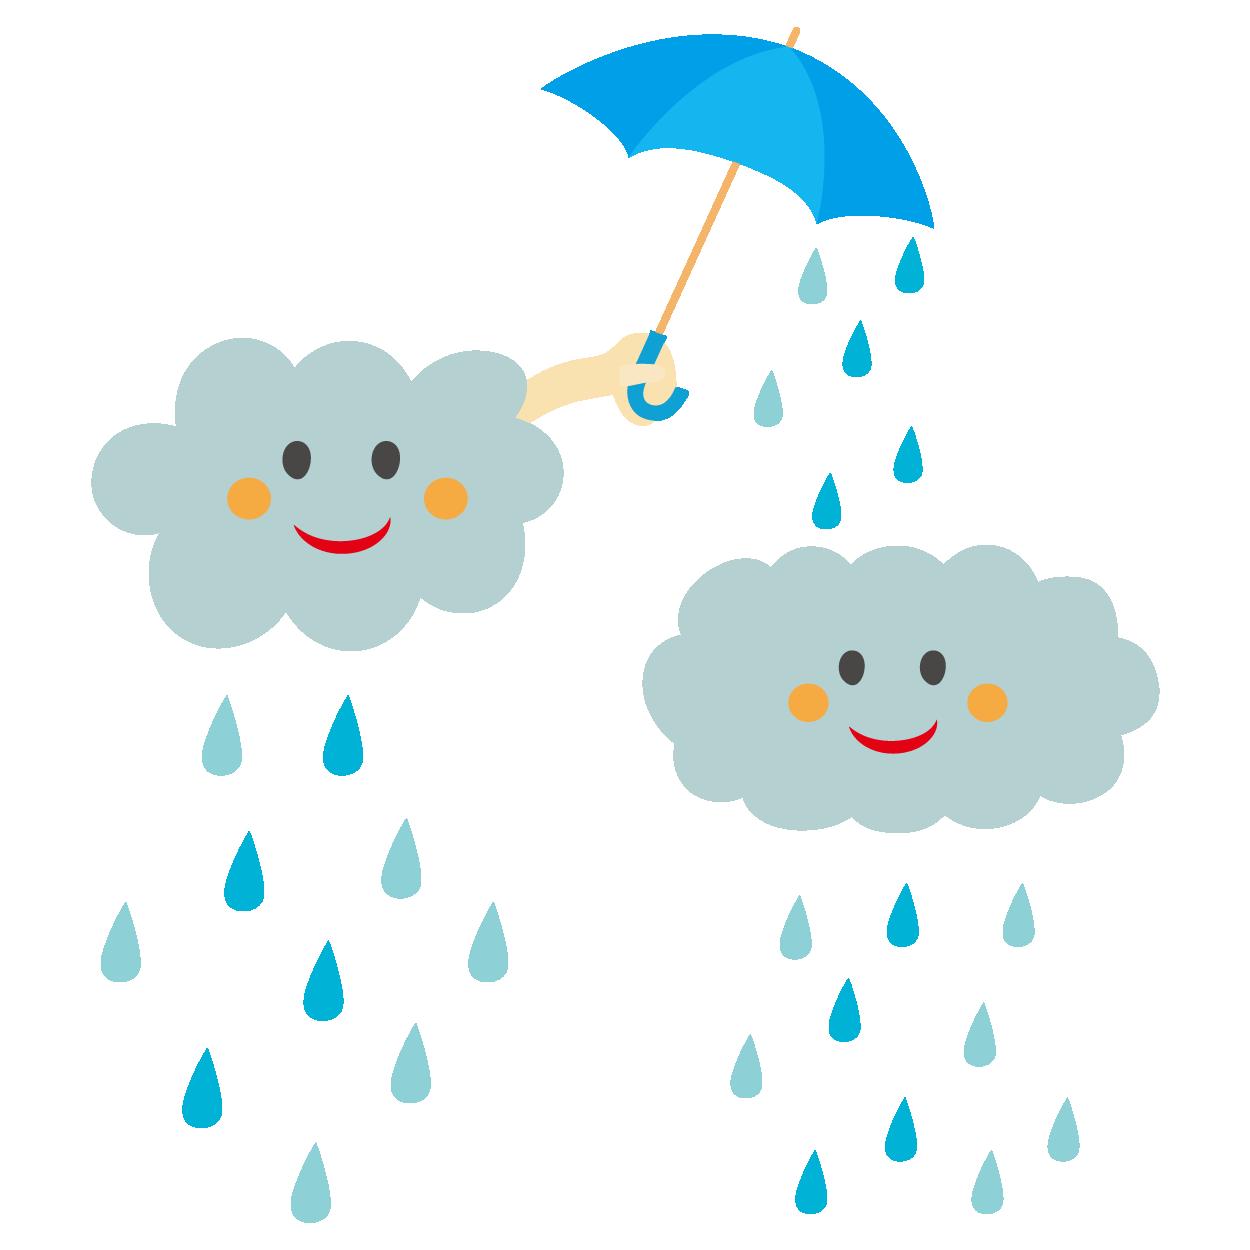 かわいい雨模様のイラスト | 商用フリー(無料)のイラスト素材なら